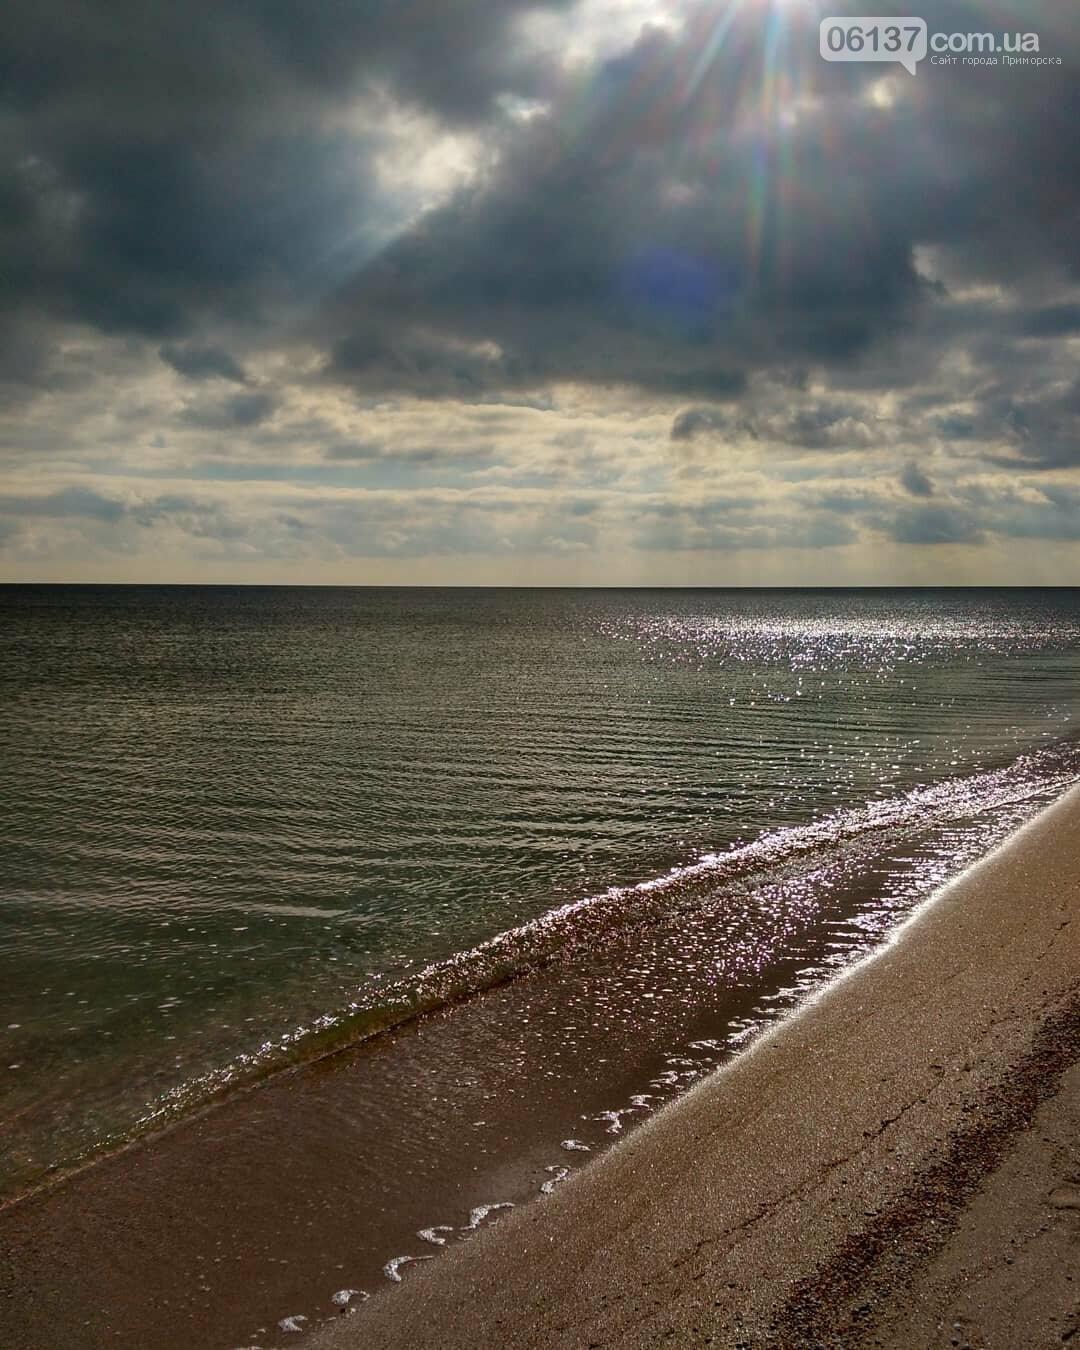 Красота ноябрьского моря в Запорожской области от заката до рассвета. Приморск. Обиточная коса , фото-25